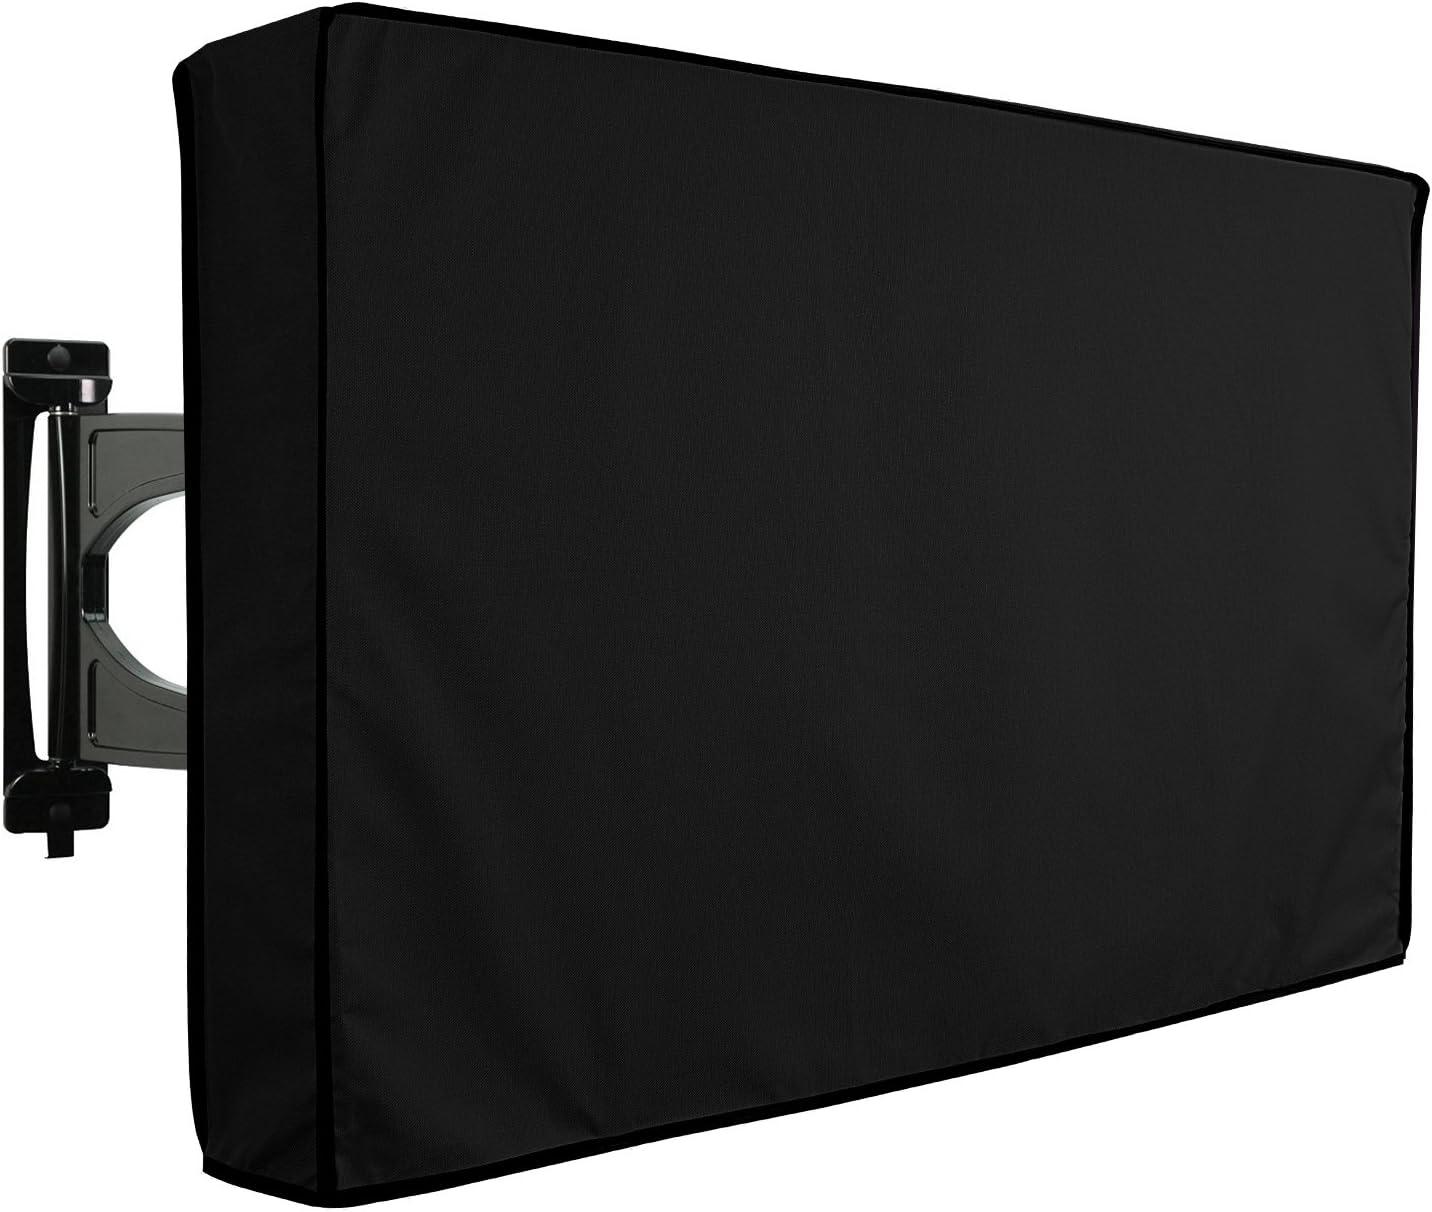 KHOMO GEAR VC-tv-cover-40-Black, Protector de pantalla para televisores de exterior, color negro, talla 40'' - 42''